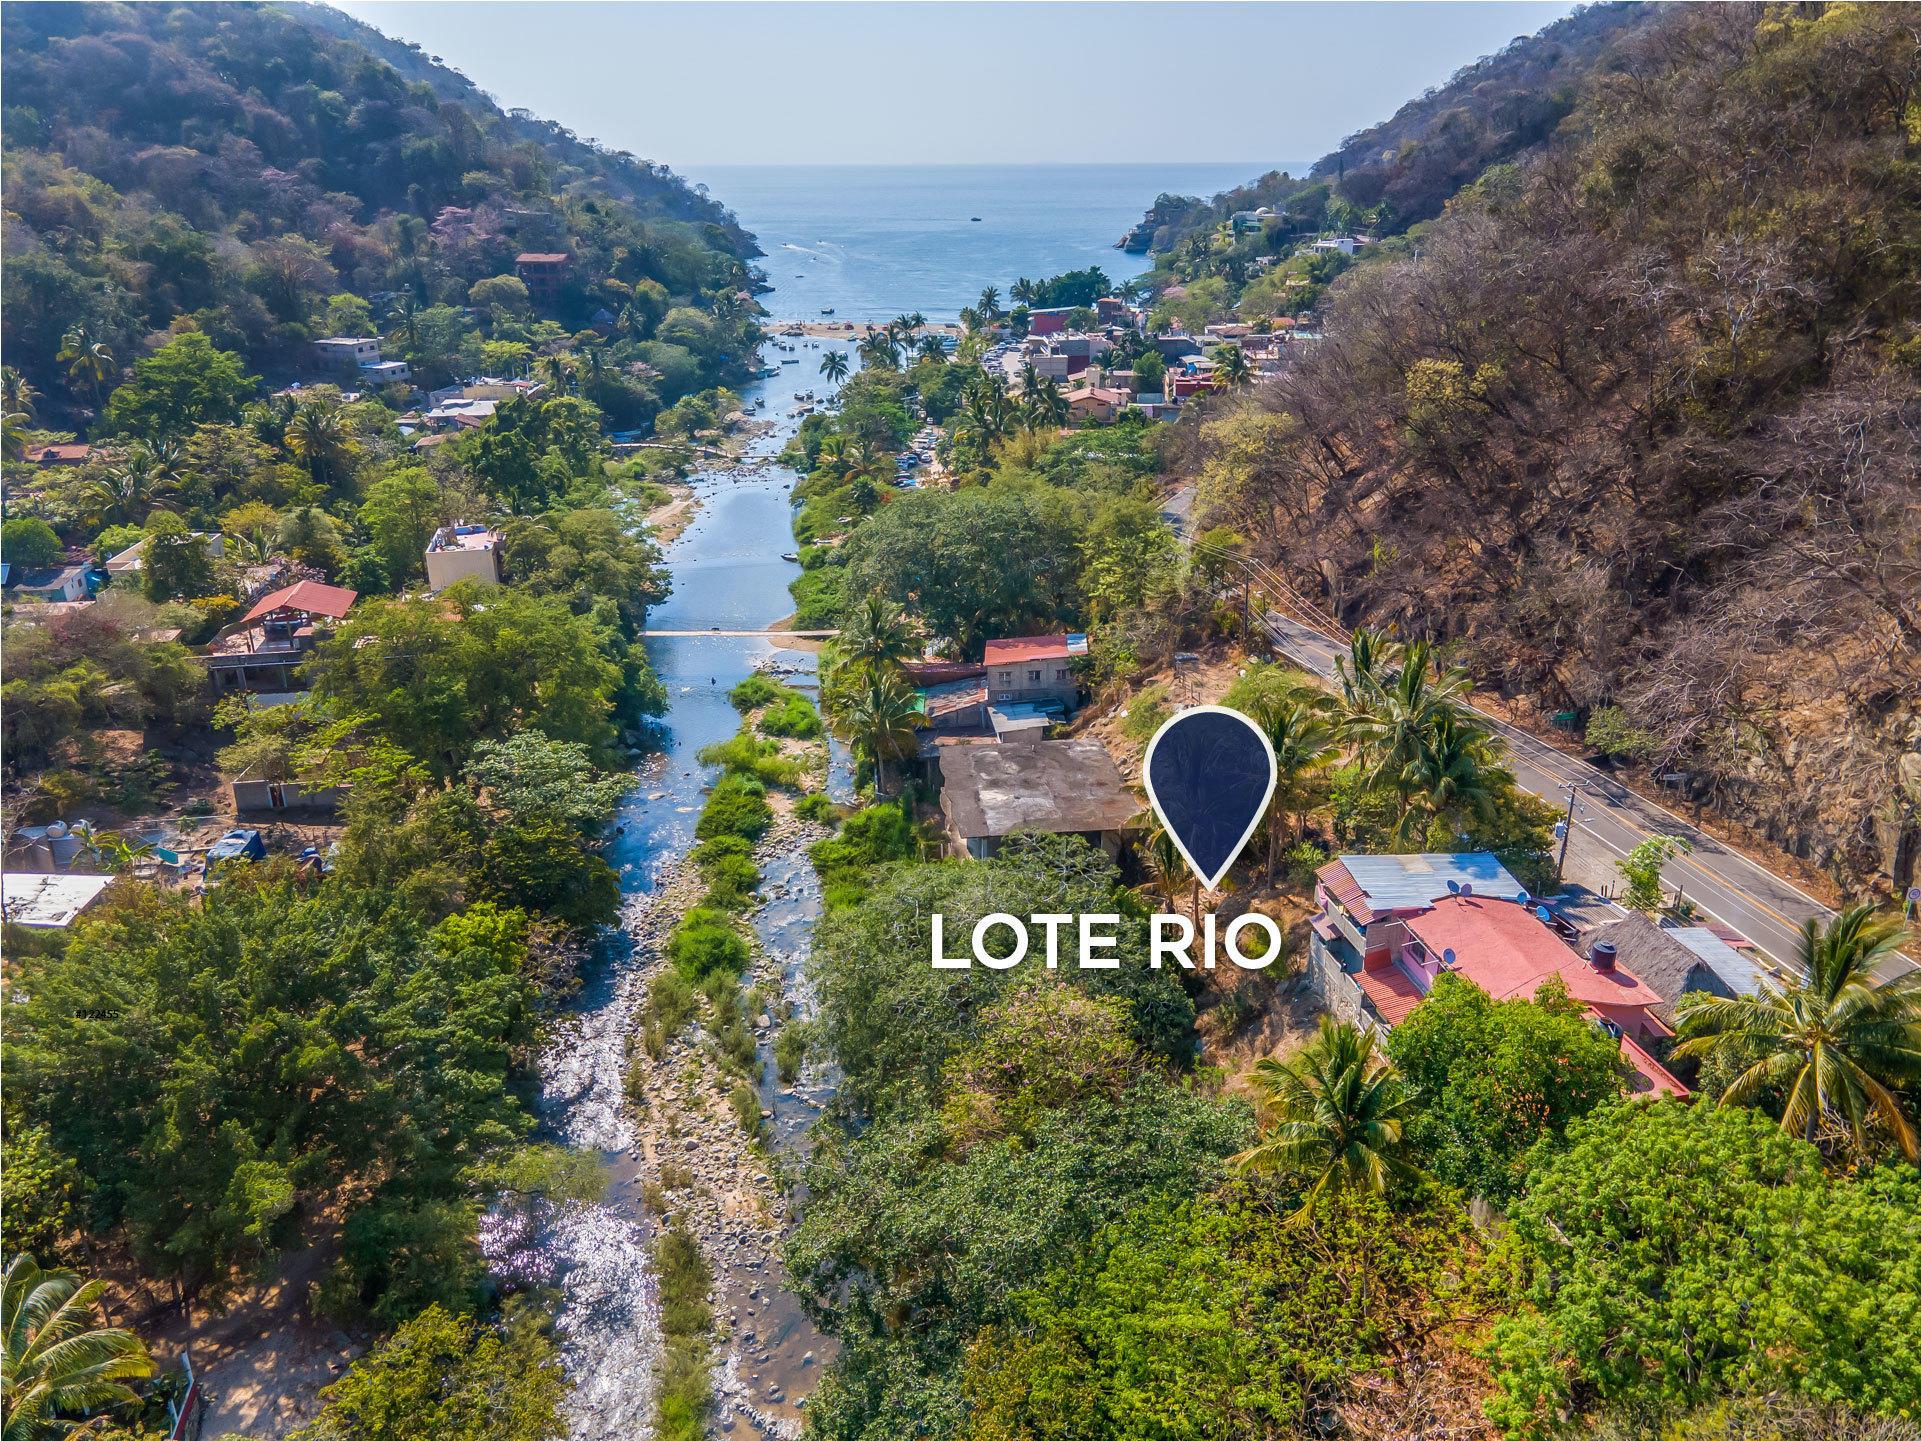 Lote Rio